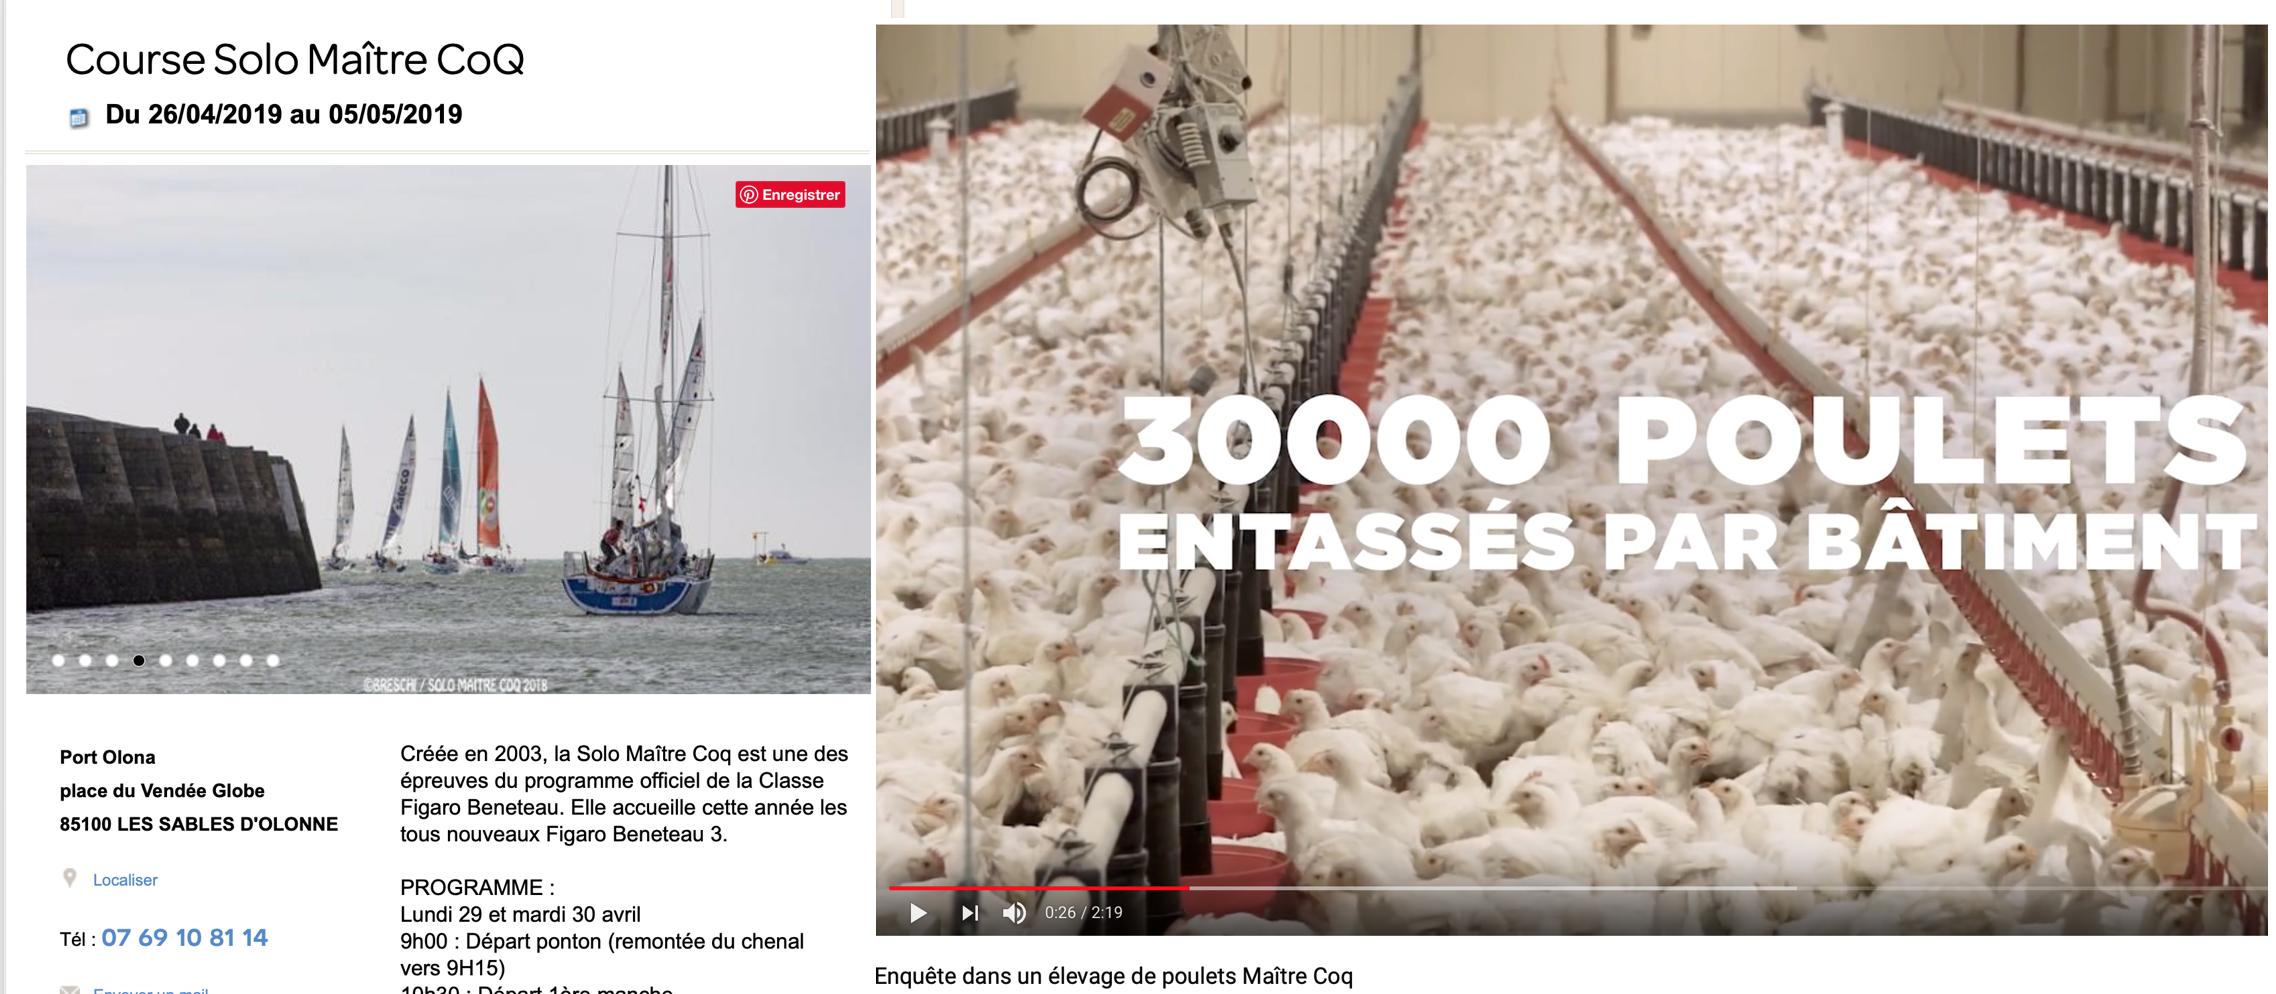 «Course solo Maître Coq»:  Maître Coq c'est les poulets (halal ?) en batterie, vision atroce…